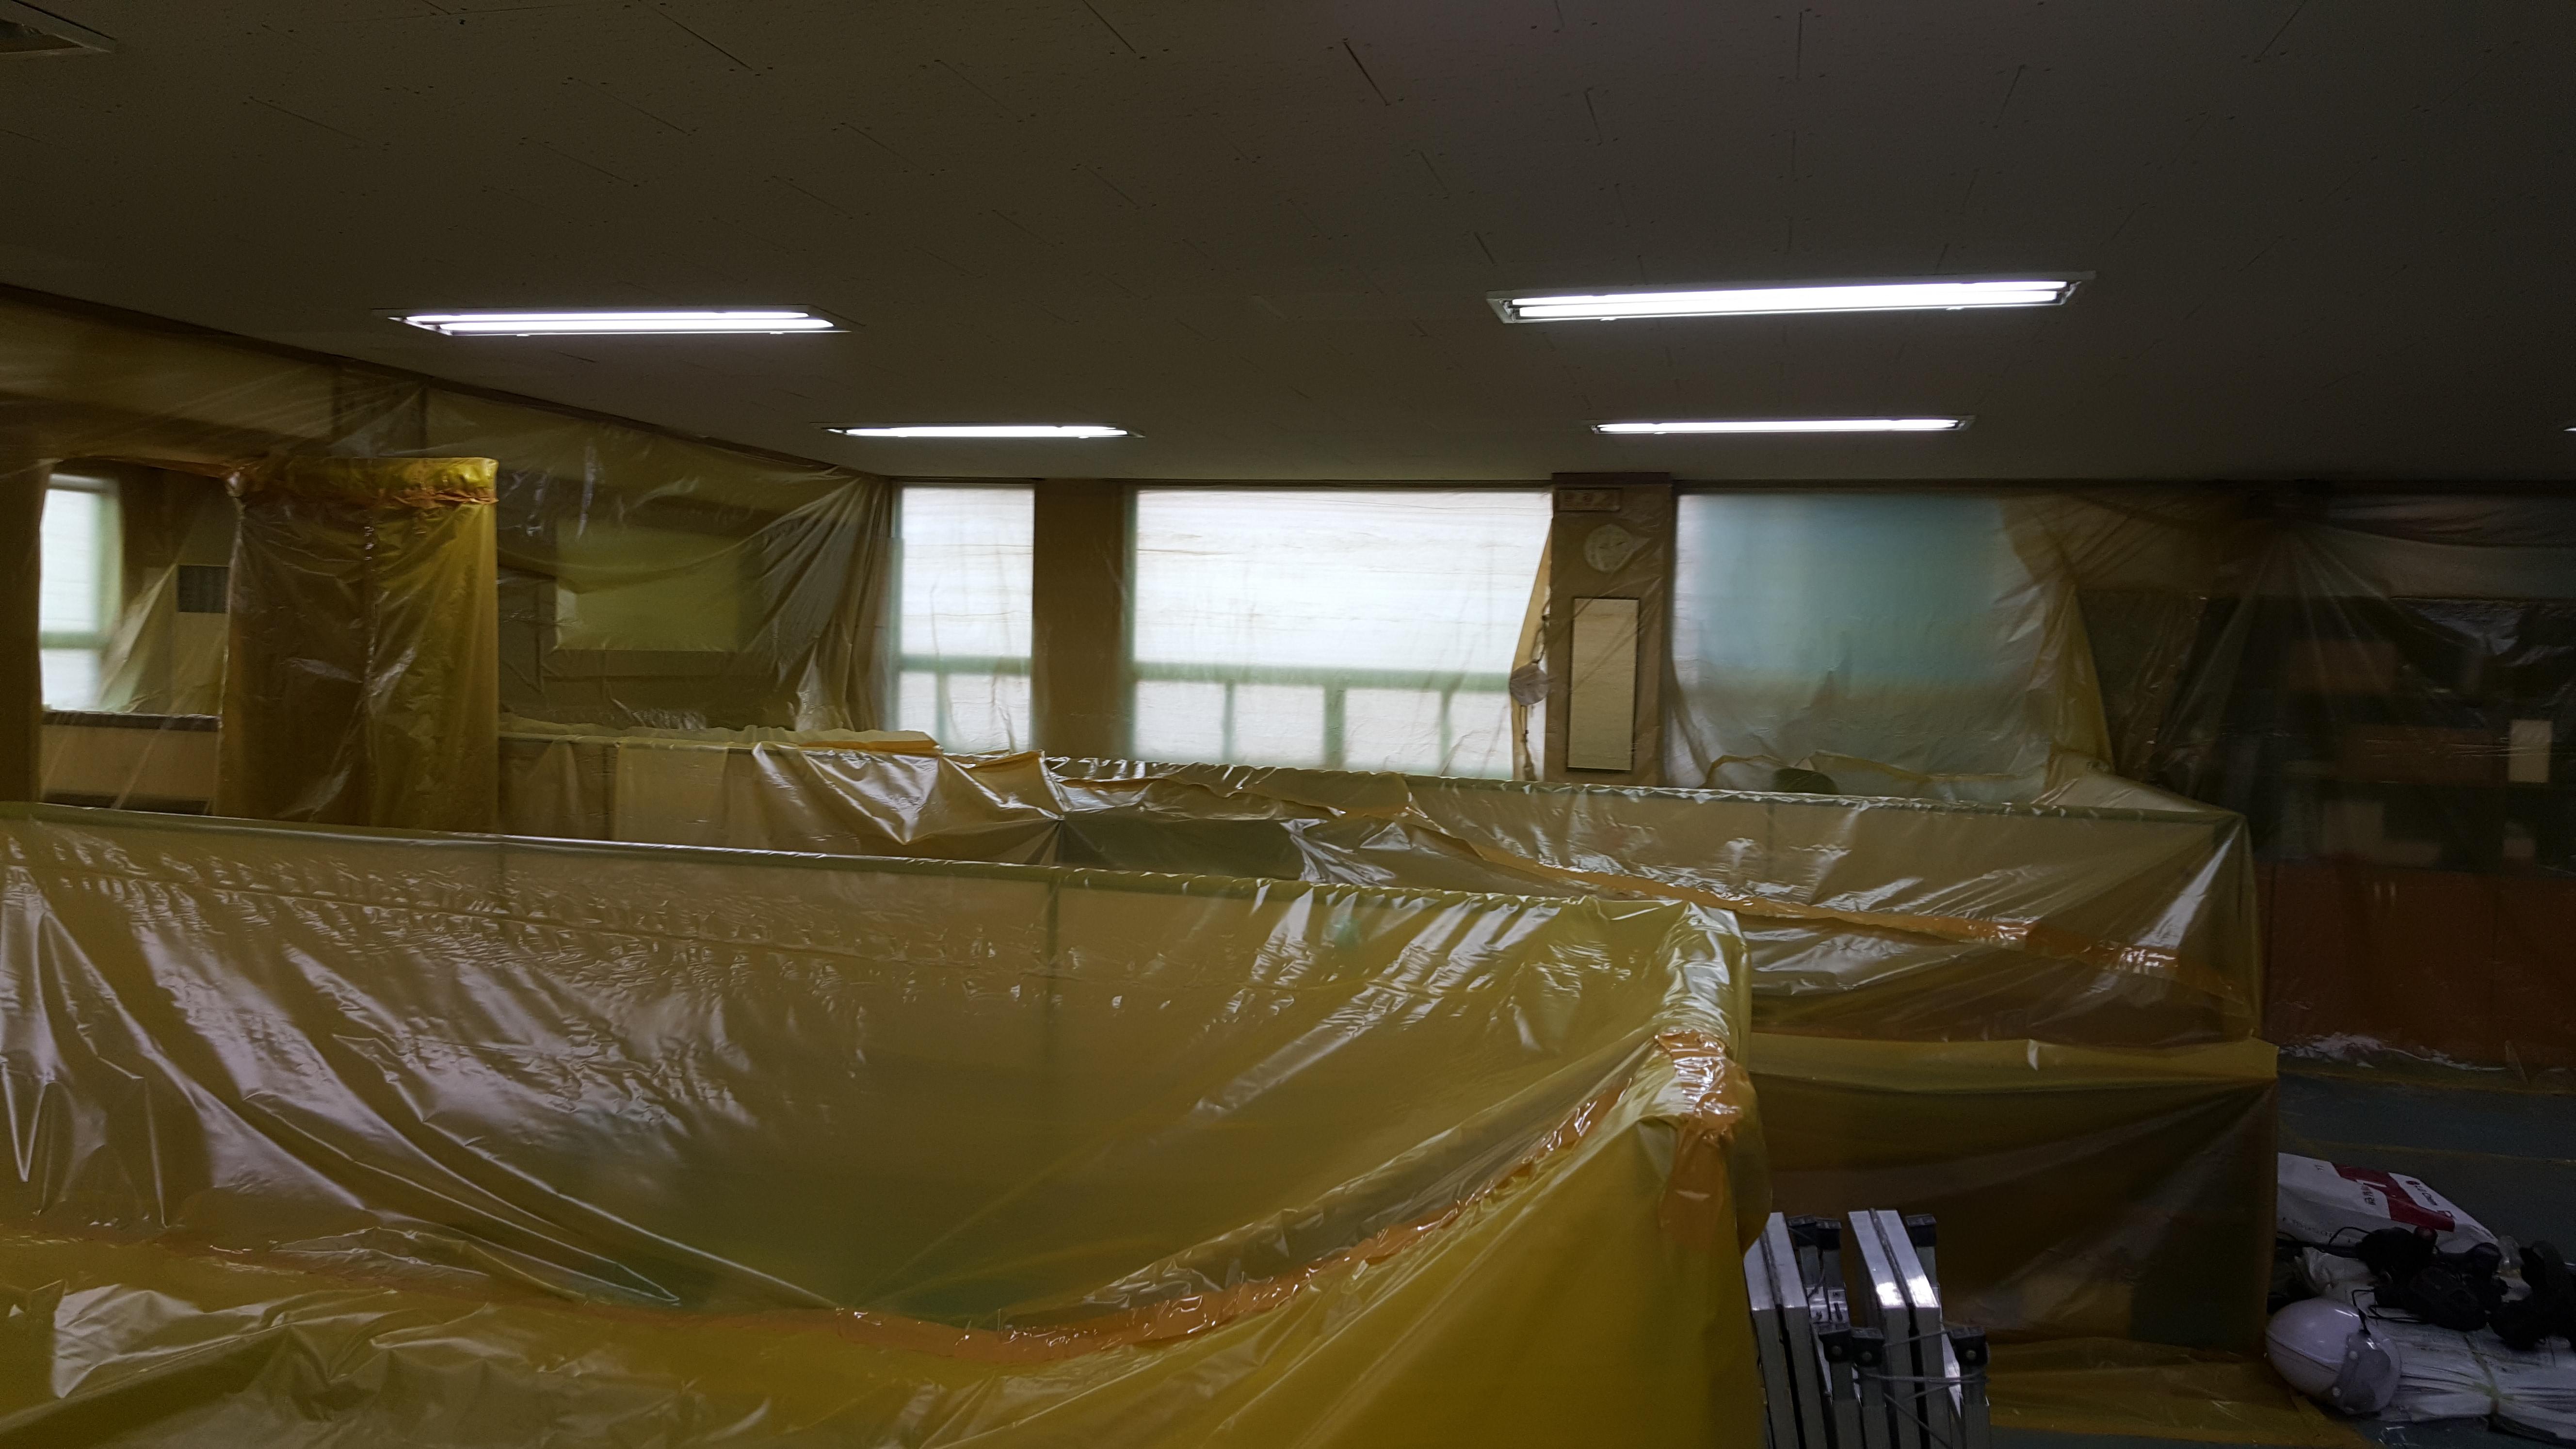 7 번째 사진  에  연면적94.68 ㎡ 부산시 영도구 해양로 공장사무실 2차 천장텍스 석면해체 제거